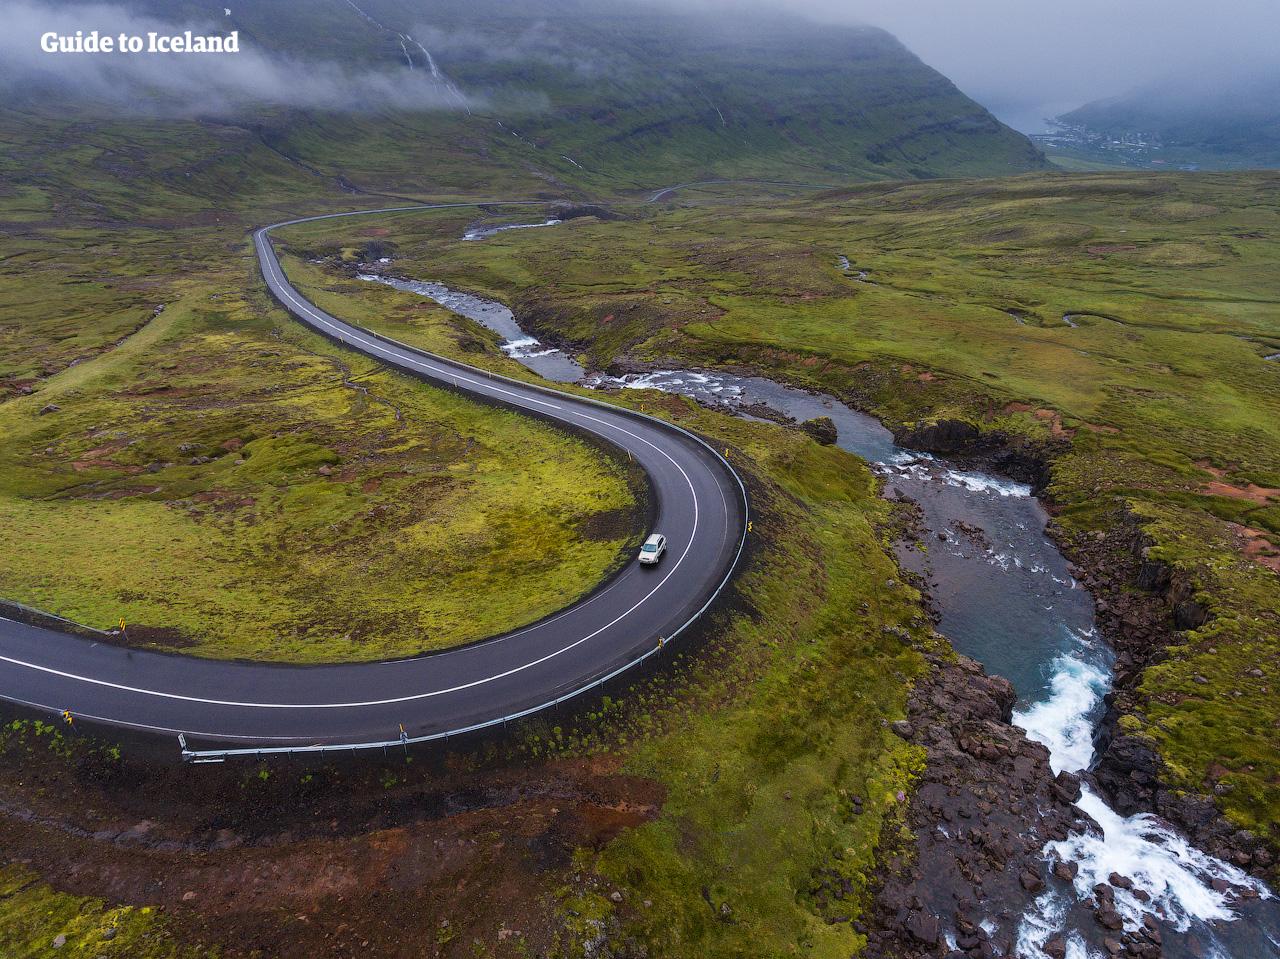 14일 렌트카 투어로 자유롭게 아이슬란드를 일주할 수 있습니다.